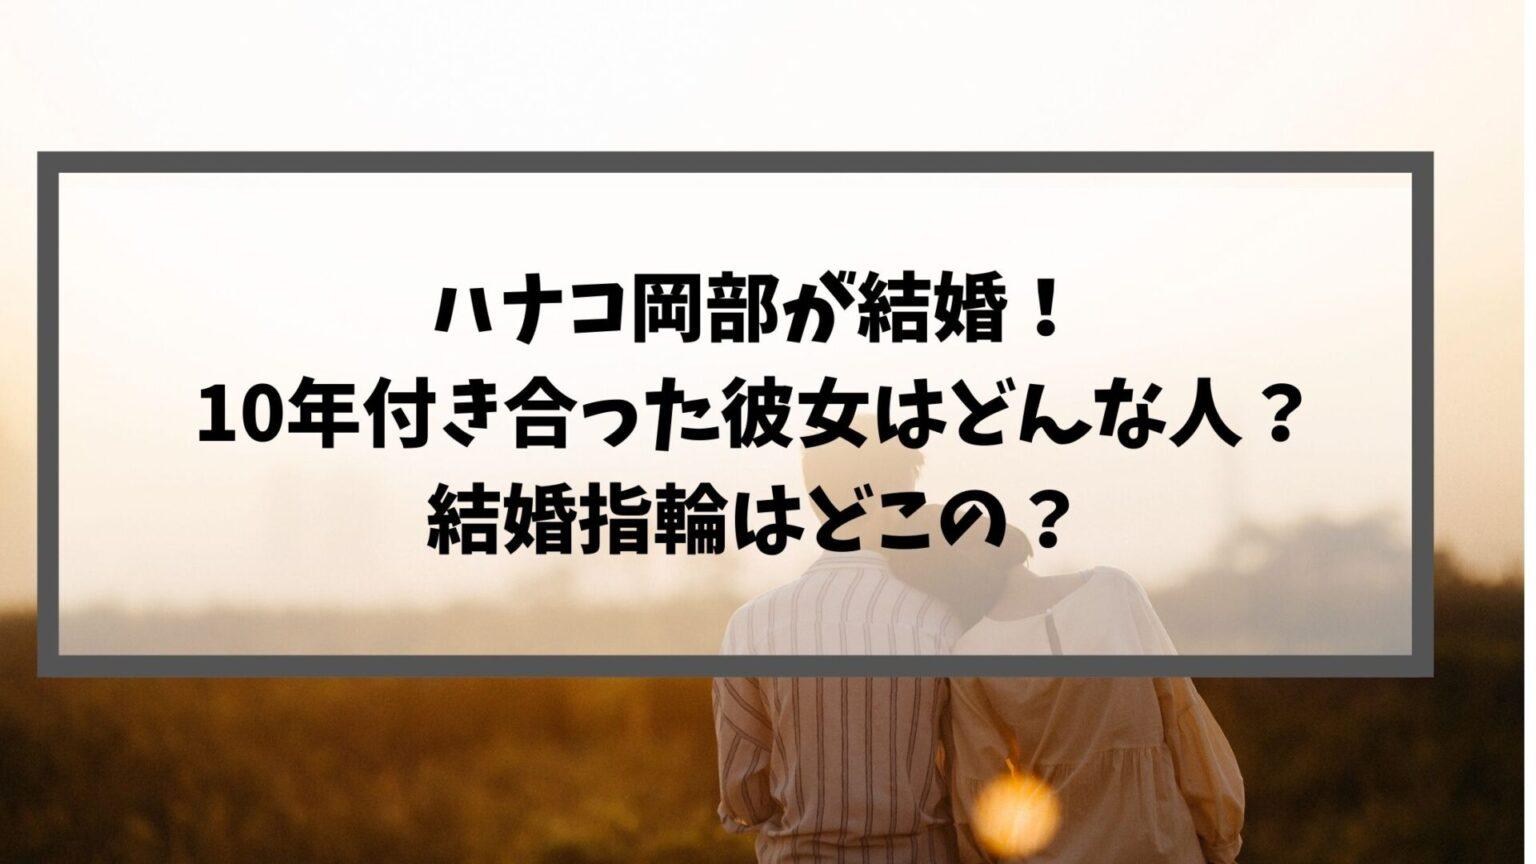 岡部 彼女 ハナコ ハナコ岡部の結婚相手A子は誰か【顔画像/馴れ初めや交際期間】